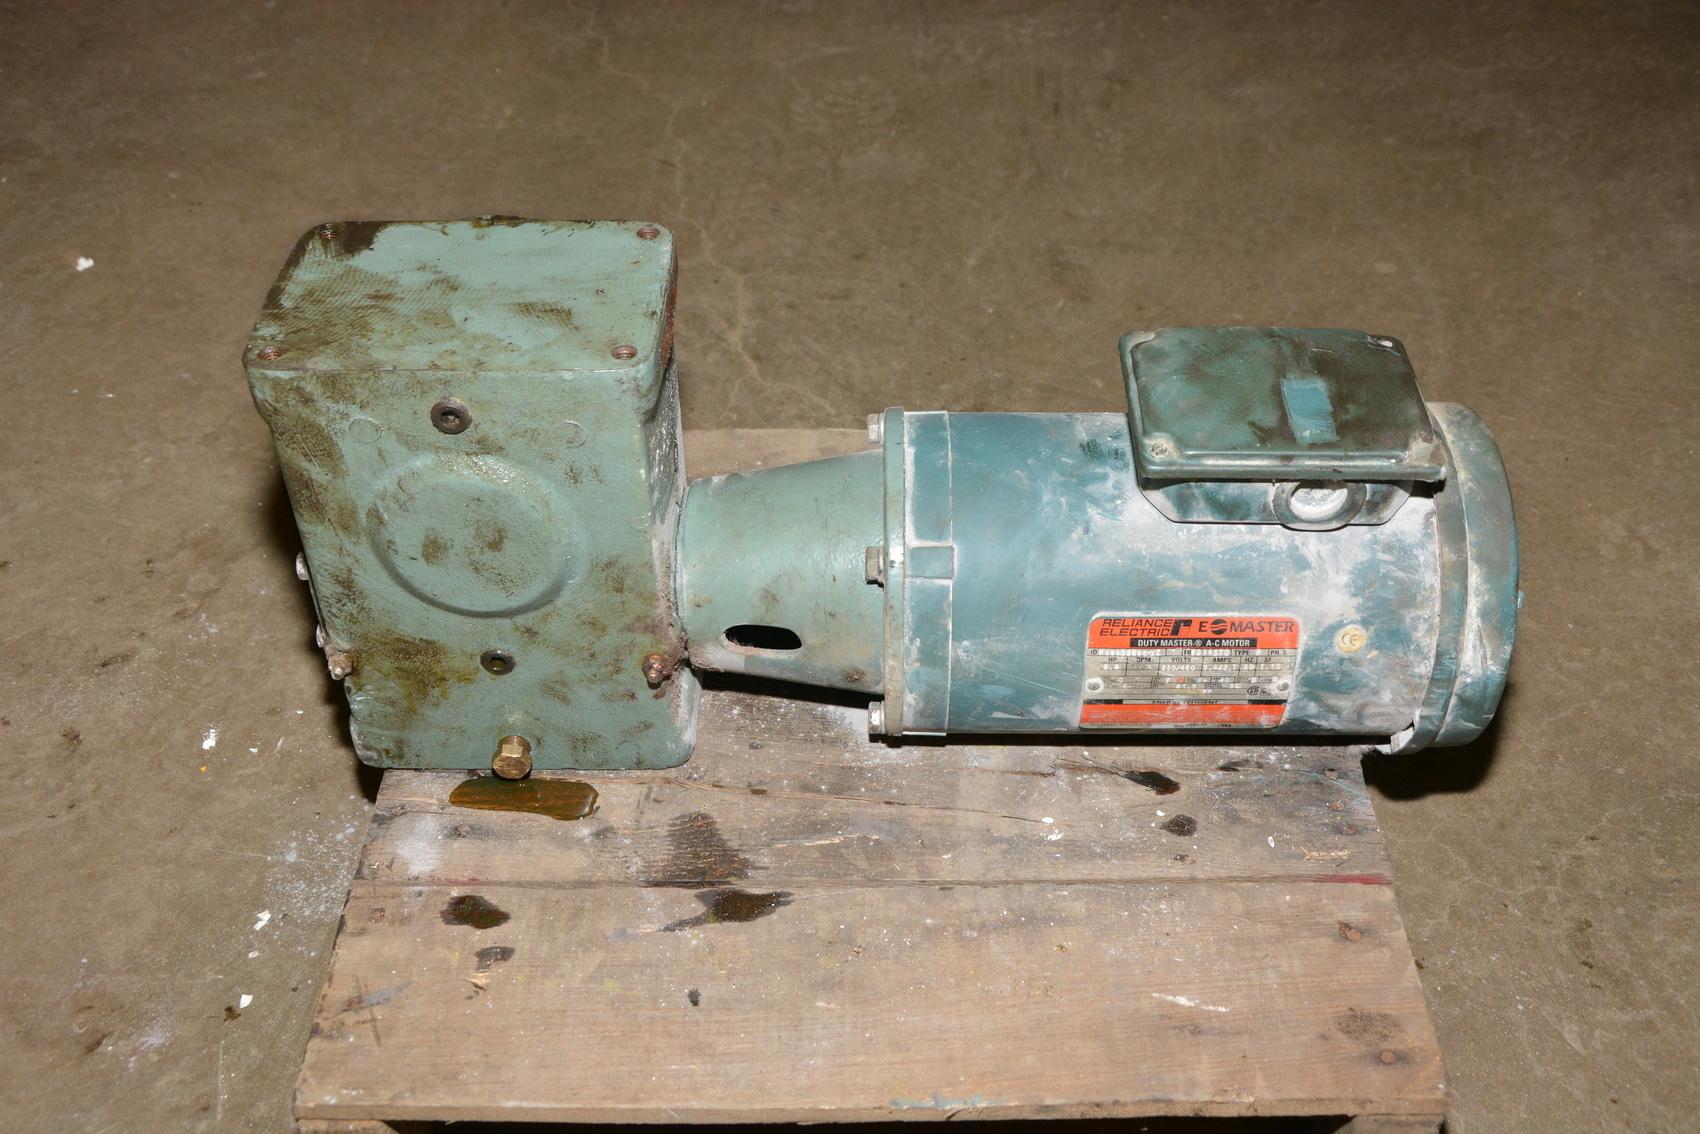 Hytrol 5ac 60 1 Rh Conveyor Worm Gearbox W Re 2 Hp